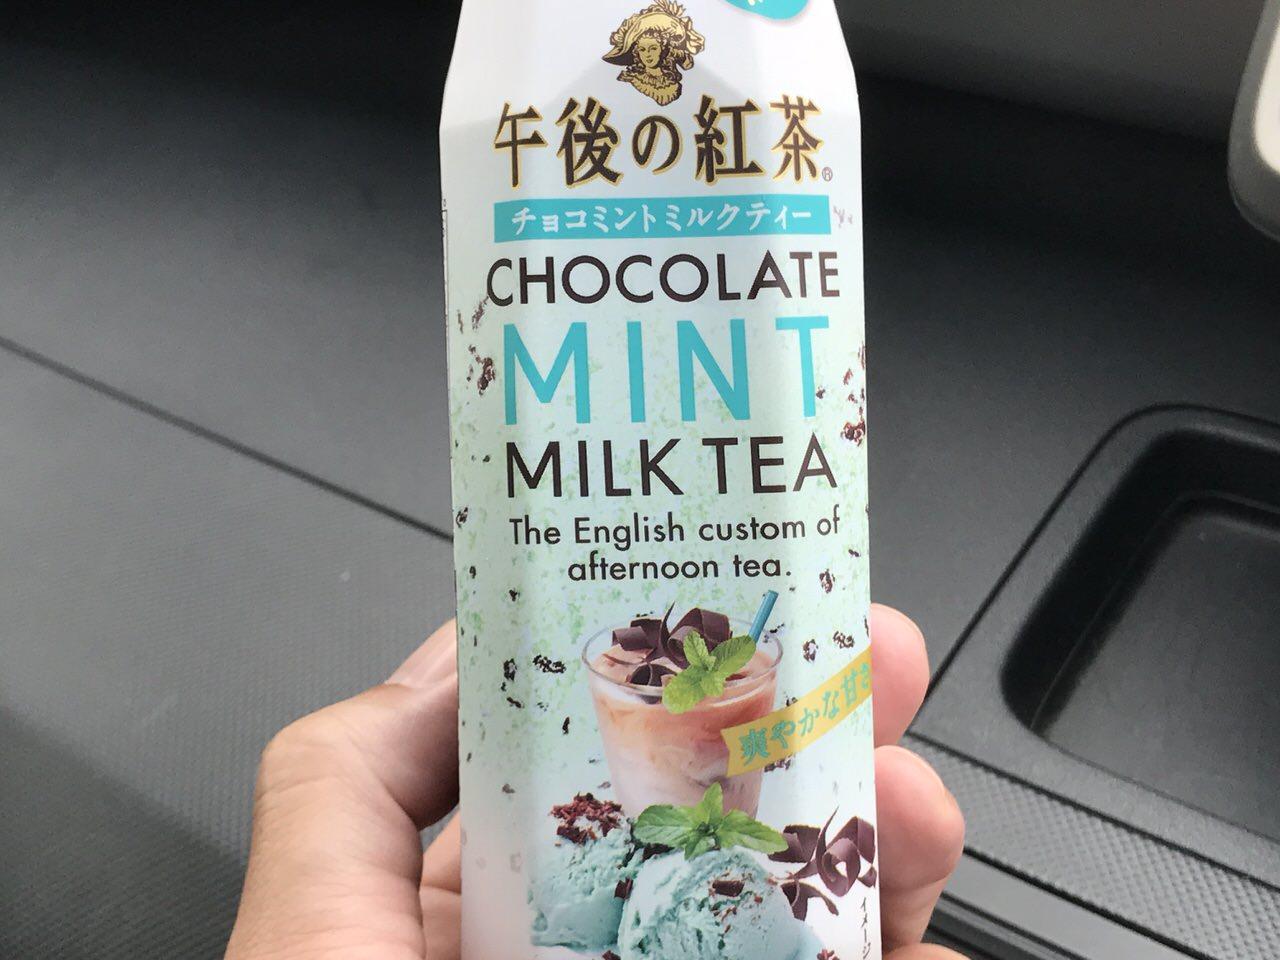 チョコとミントとミルクとティーが合体した「午後の紅茶 チョコミントミルクティー」